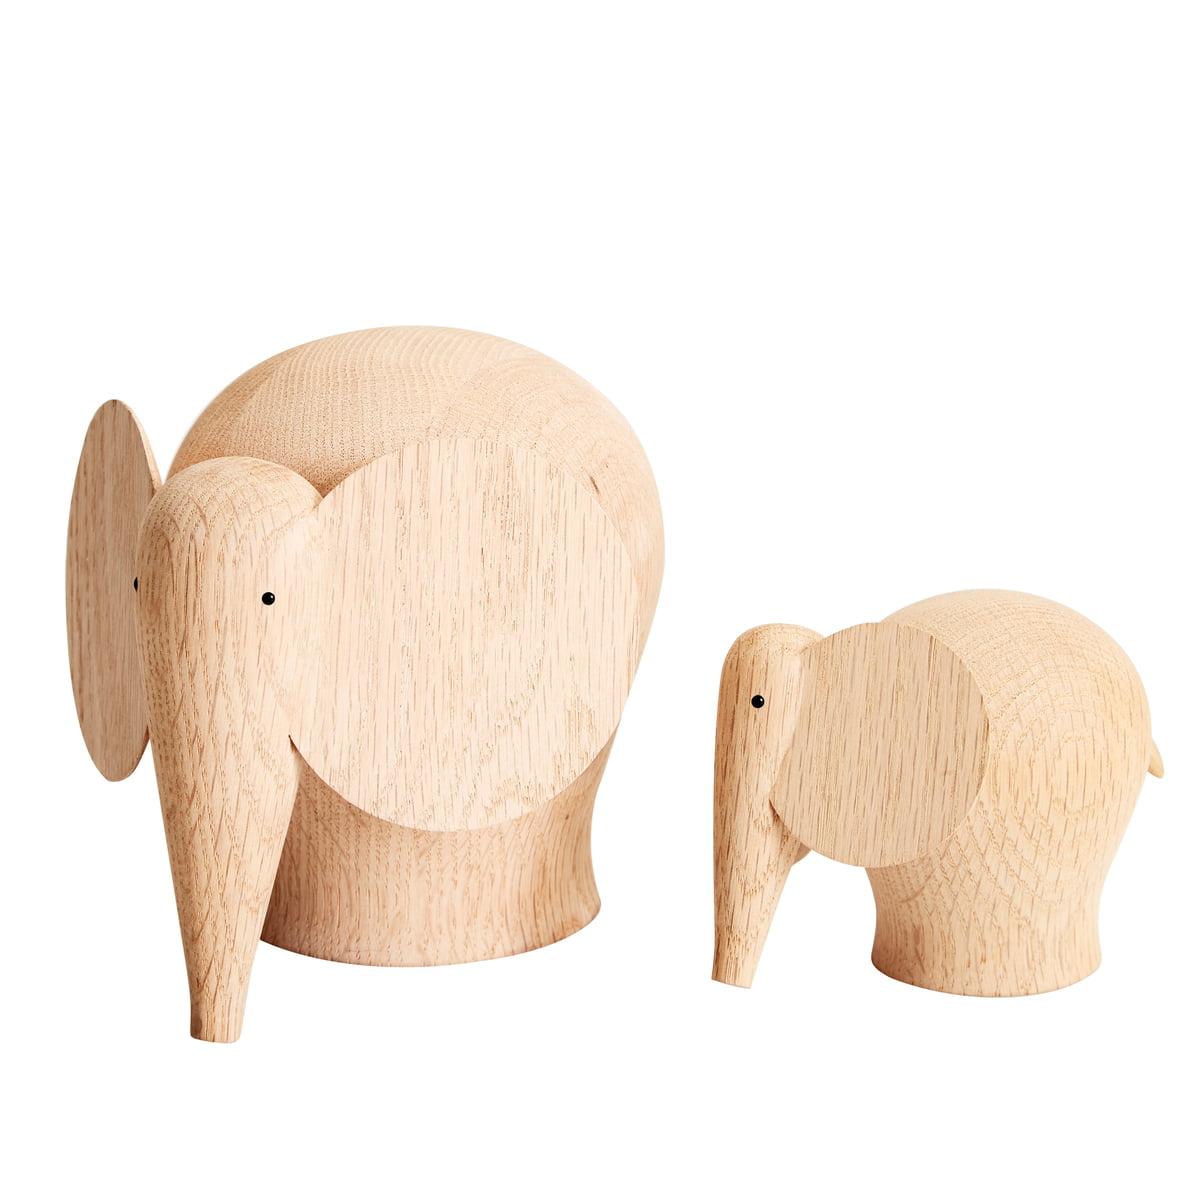 Nunu Elefanten von Woud im Shop kaufen